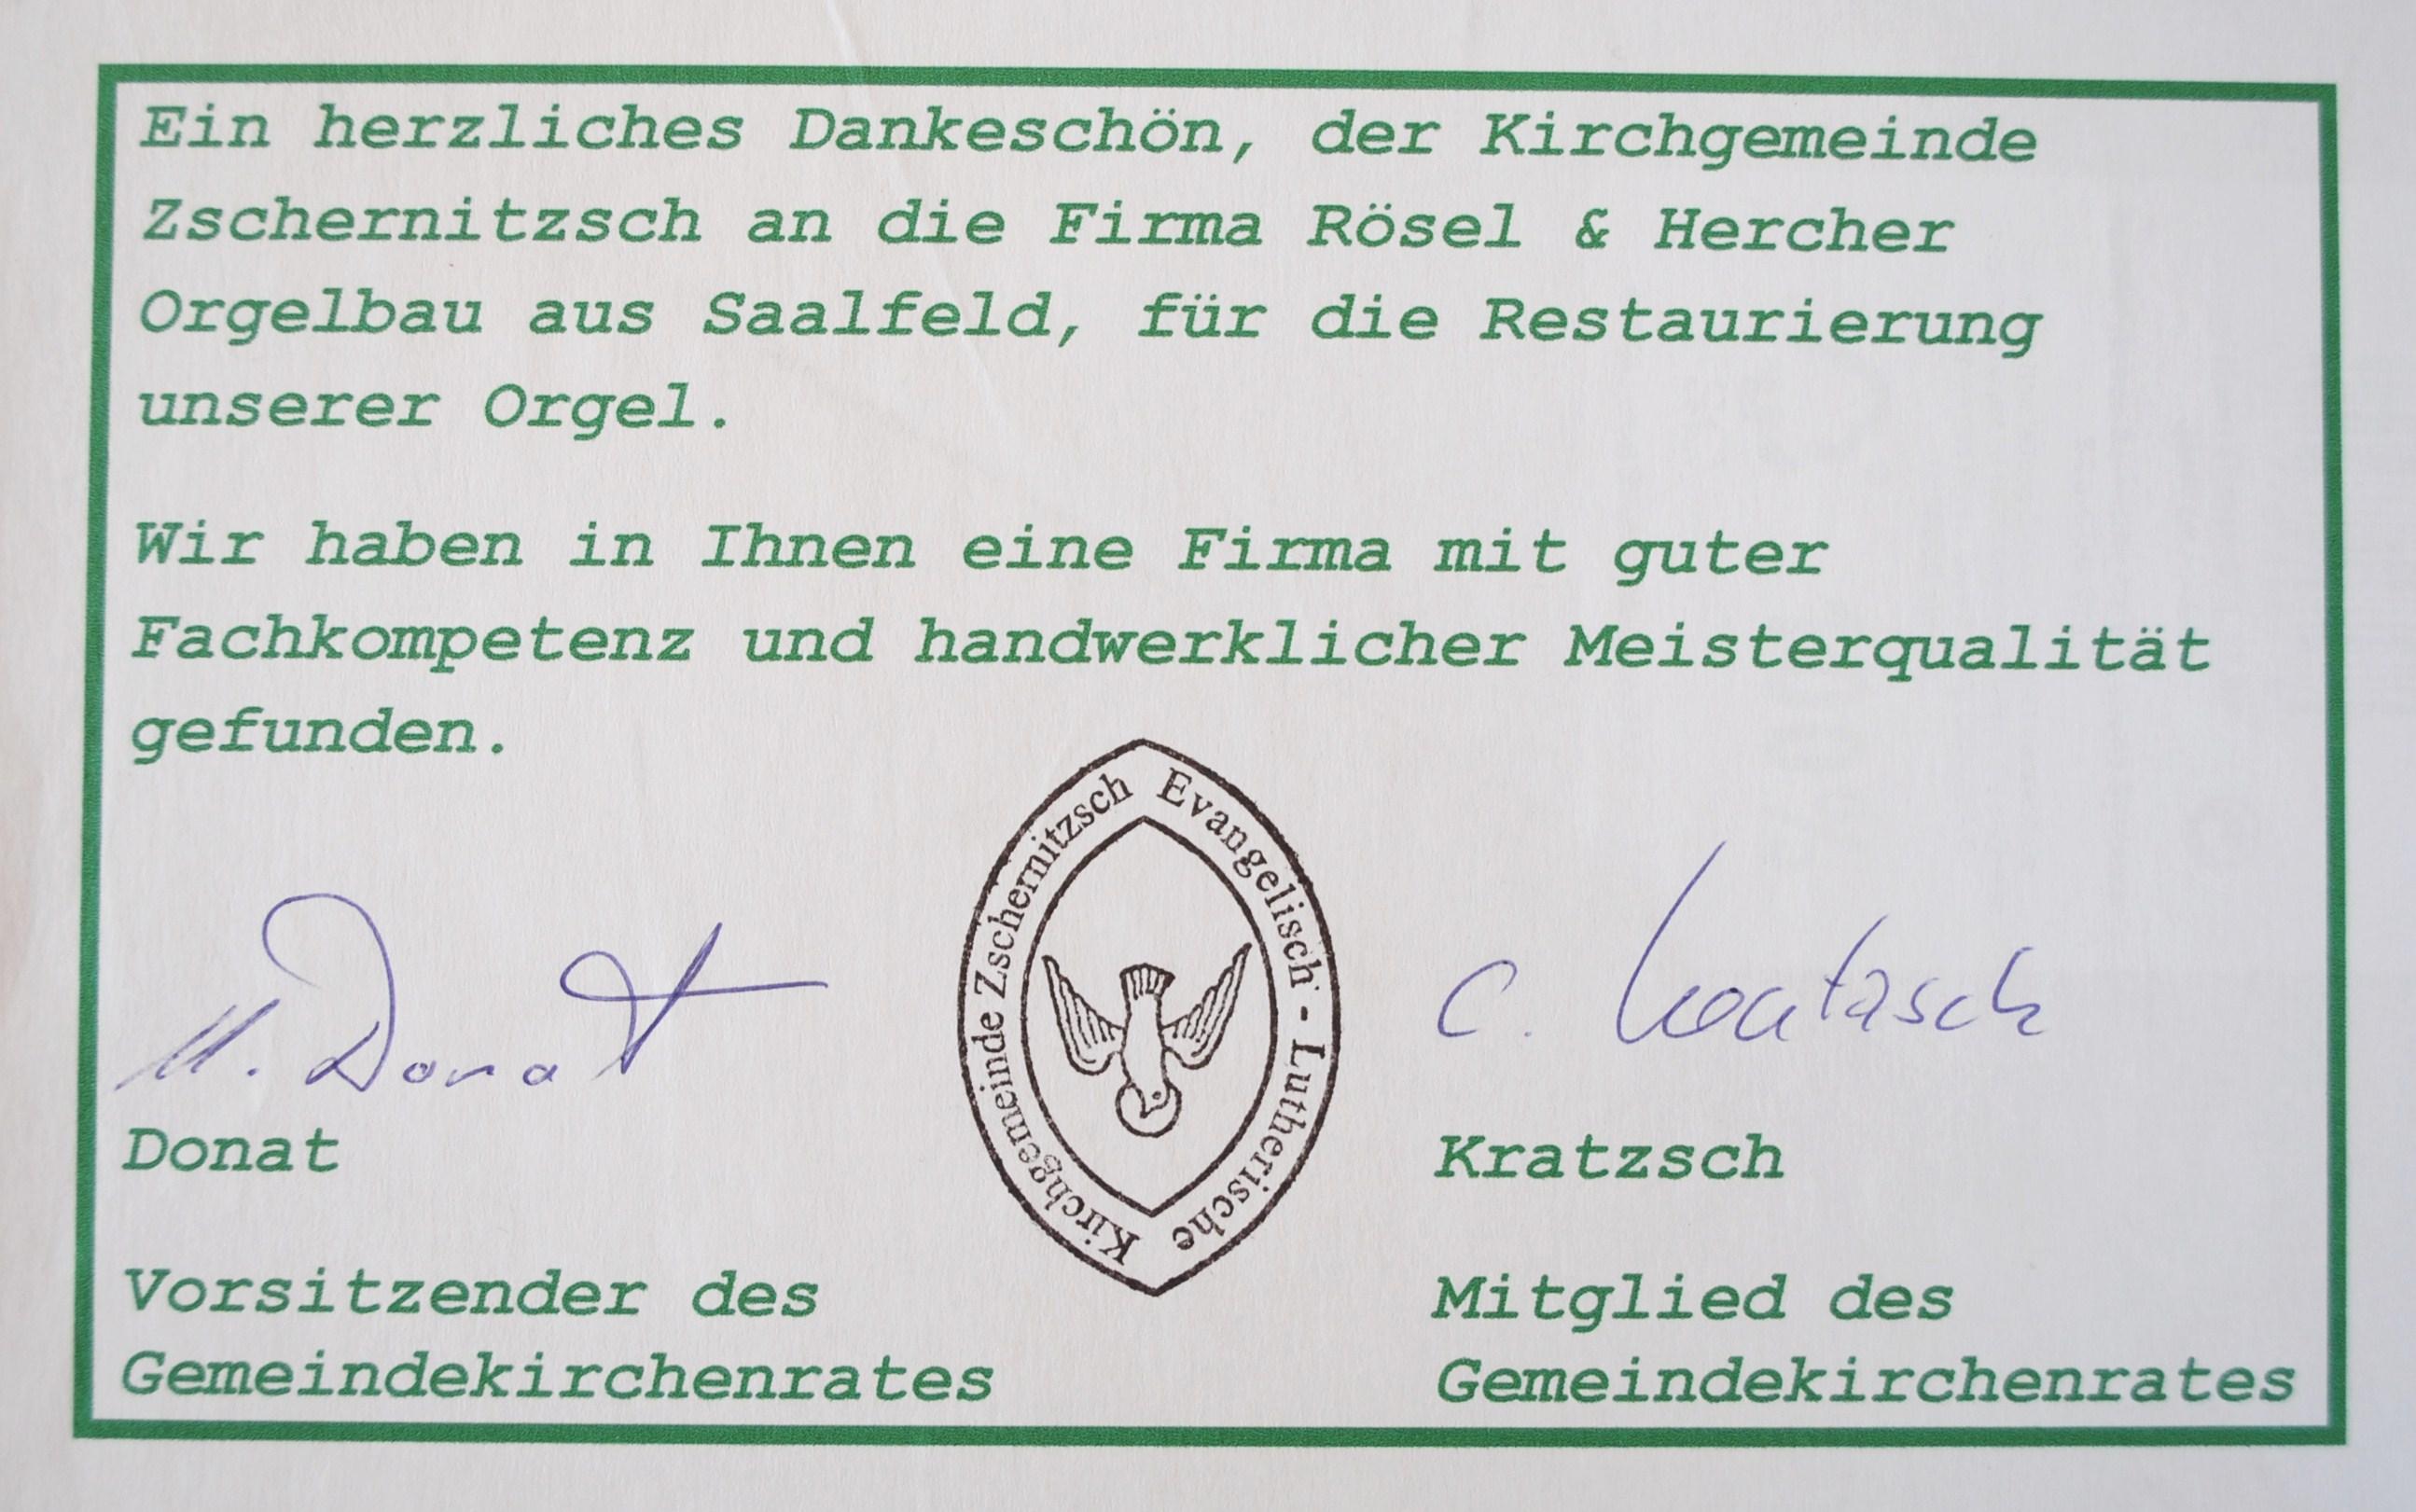 Dank der Kirchgemeinde in Zschernitzsch